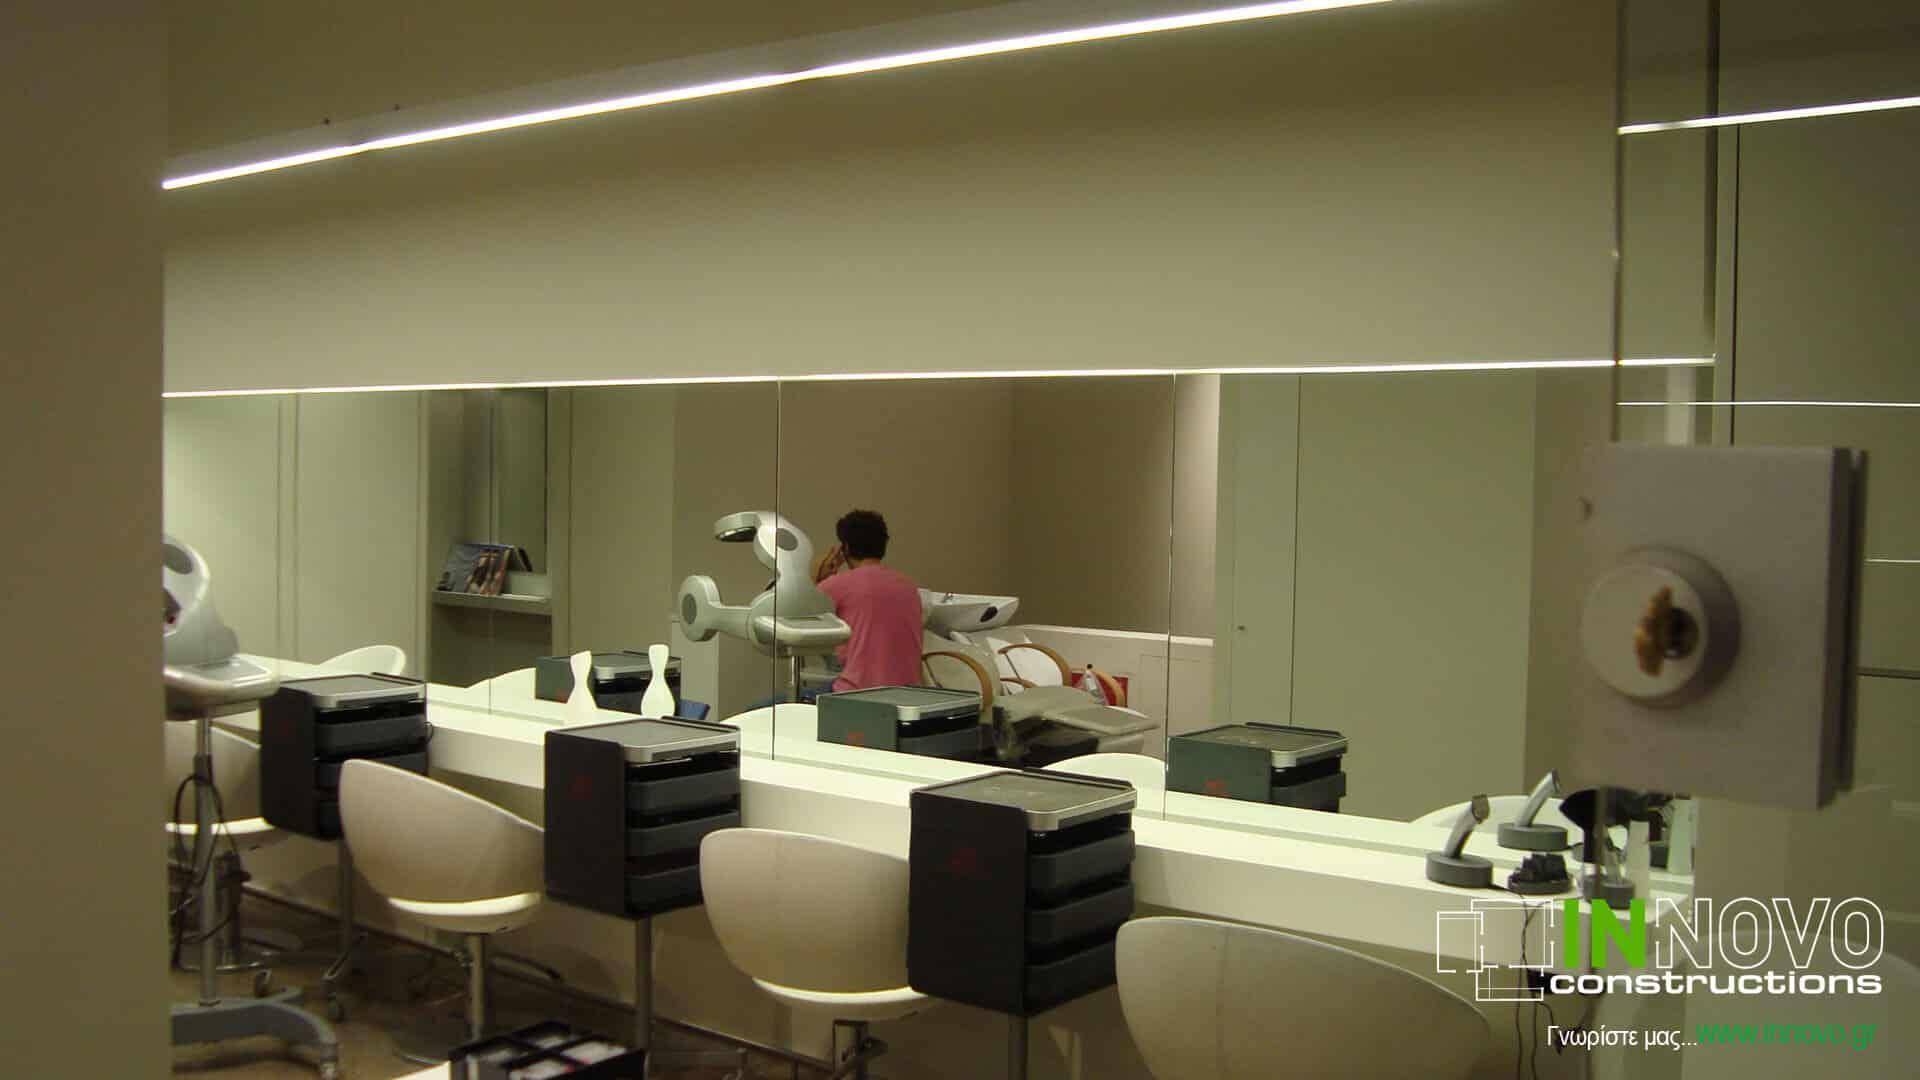 kataskevi-kommotiriou-hairdressers-construction-kommotirio-papageorgiou-1020-3